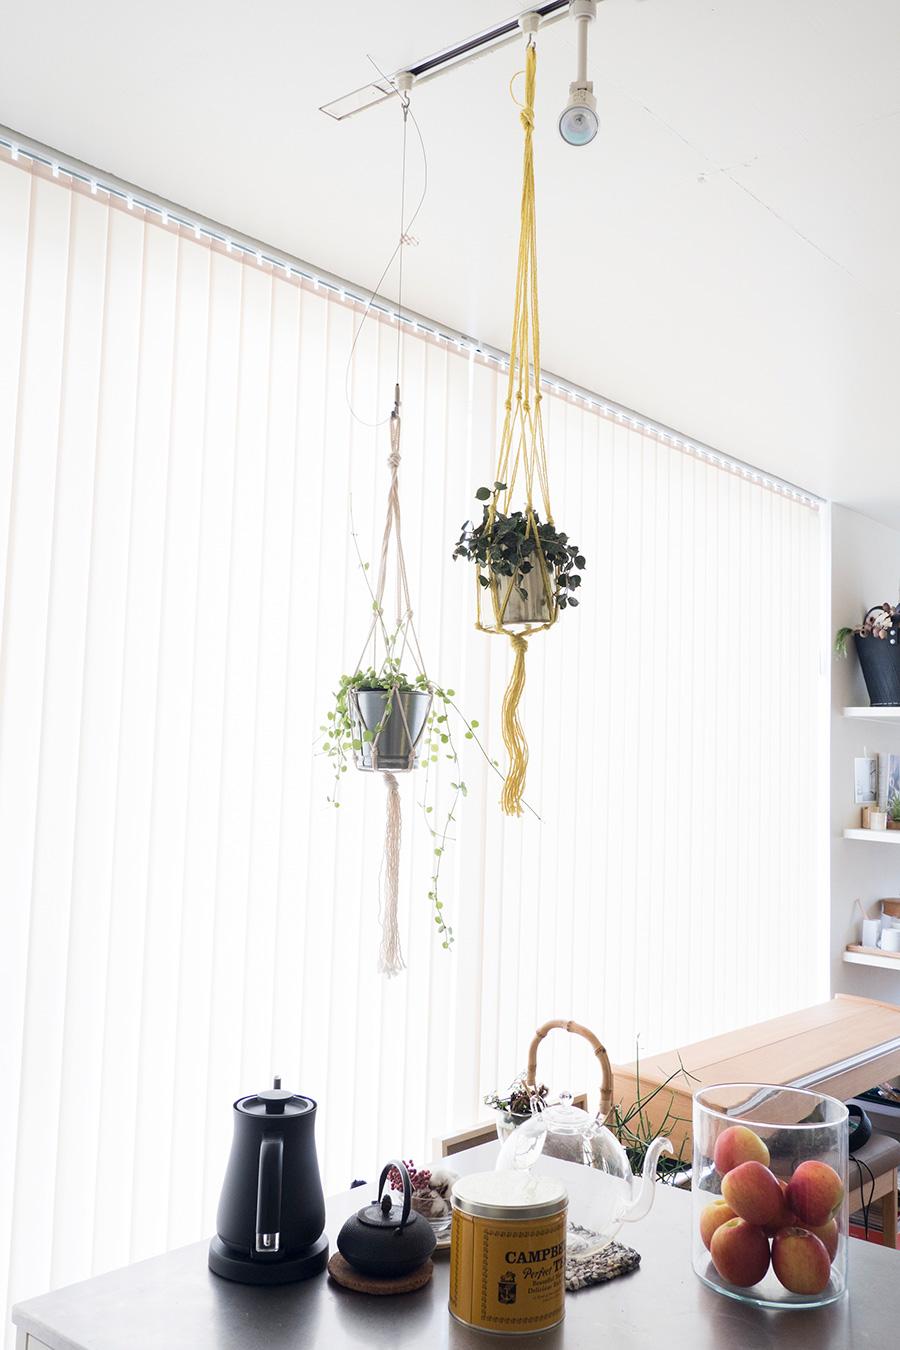 ふたつ吊るす場合には、左右の高さを揃えないのがポイント。